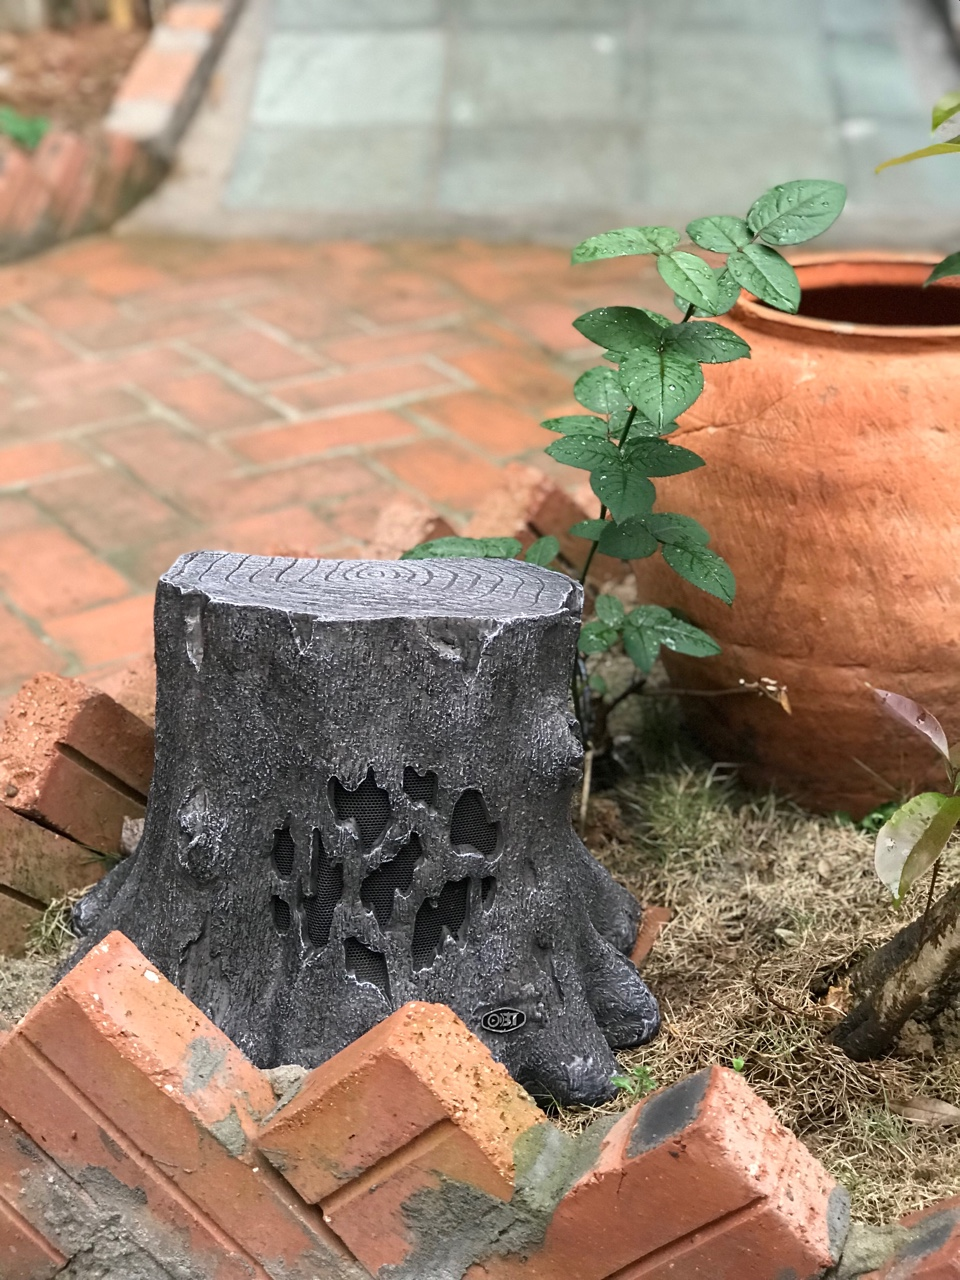 Loa sân vườn,loa giả đá,hệ thống loa trang trí sân vườn là gì ? 2